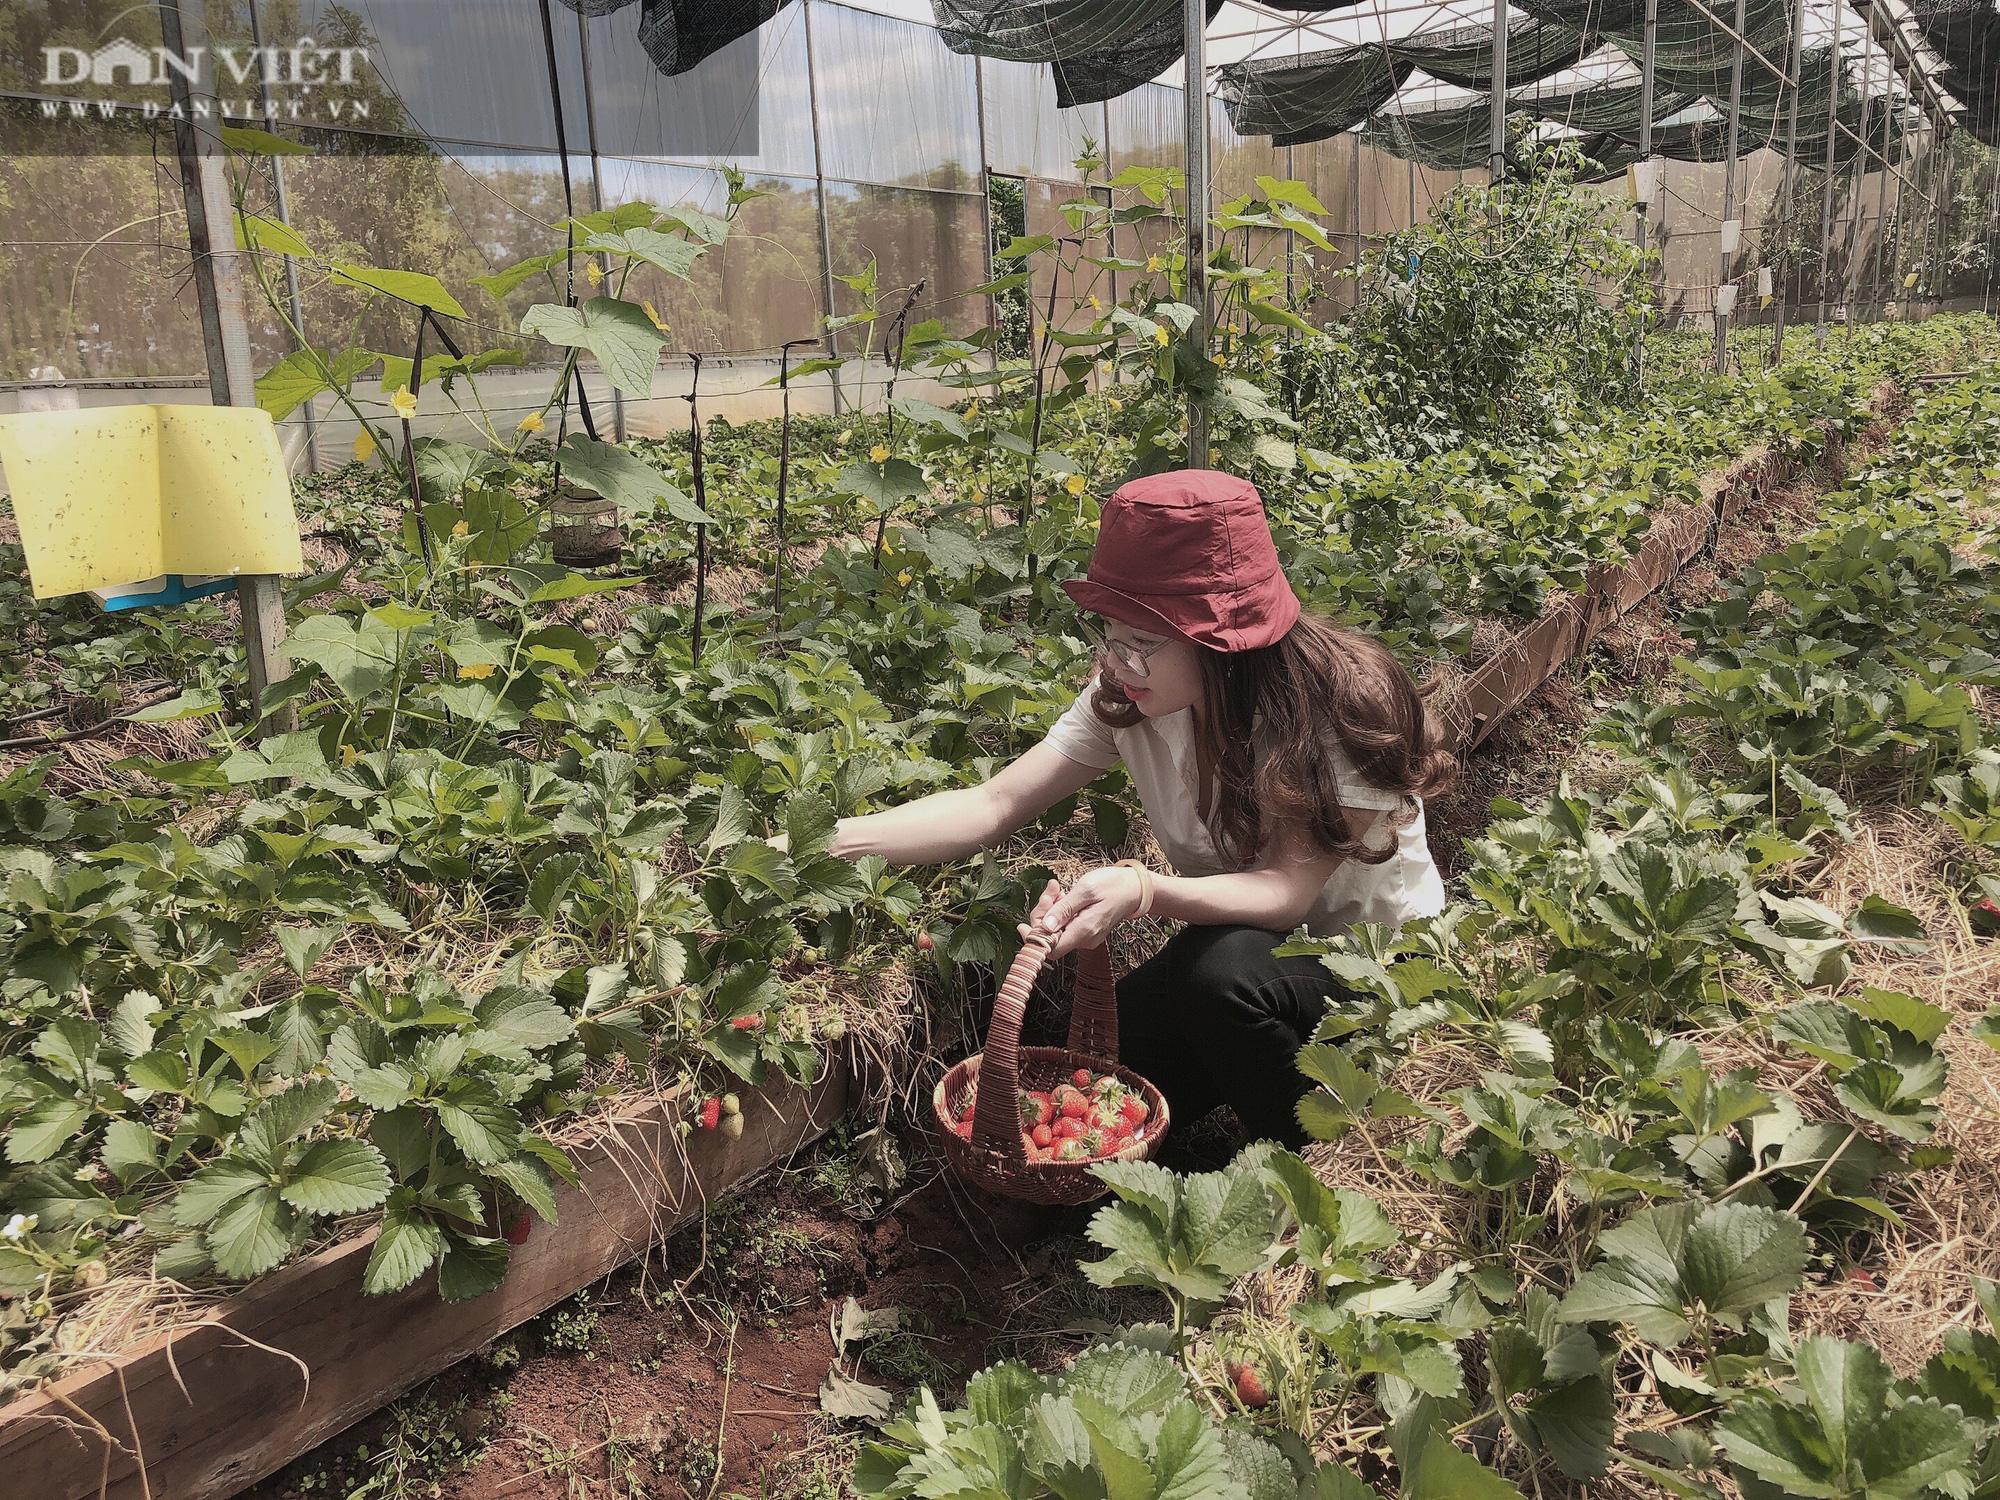 Kỹ sư 8X đánh liều trồng giống dâu lạ, làm 2 vụ đã thu hồi vốn đầu tư ban đầu - Ảnh 6.